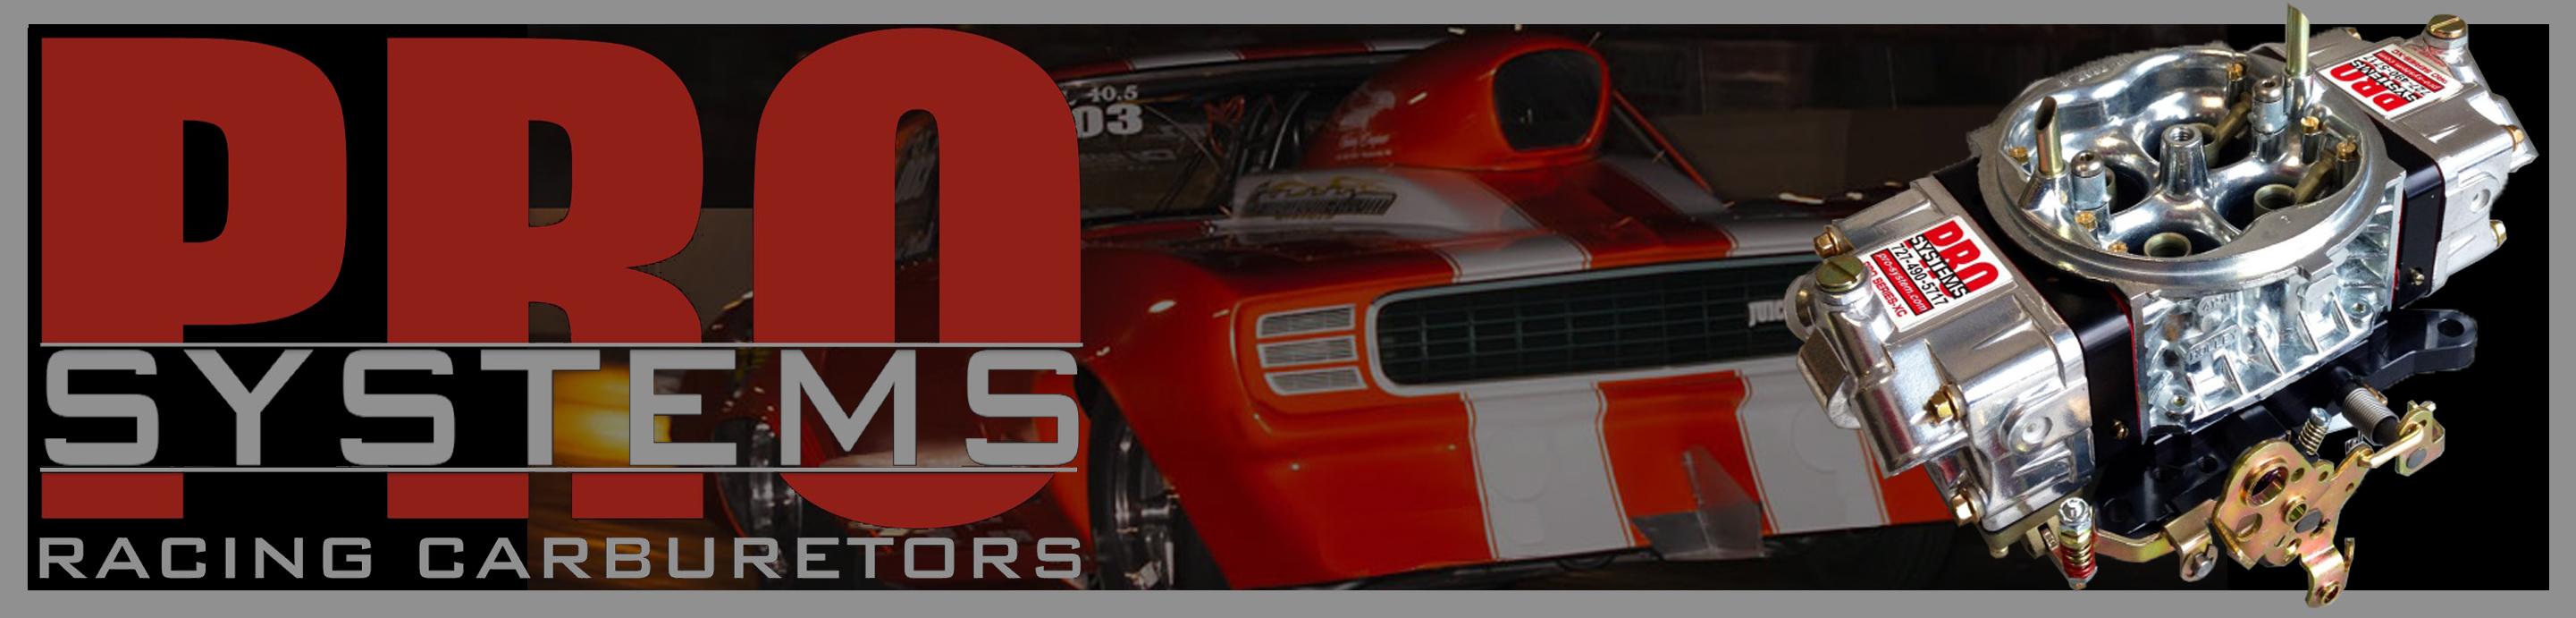 Pro Systems Racing Carburetors Logo